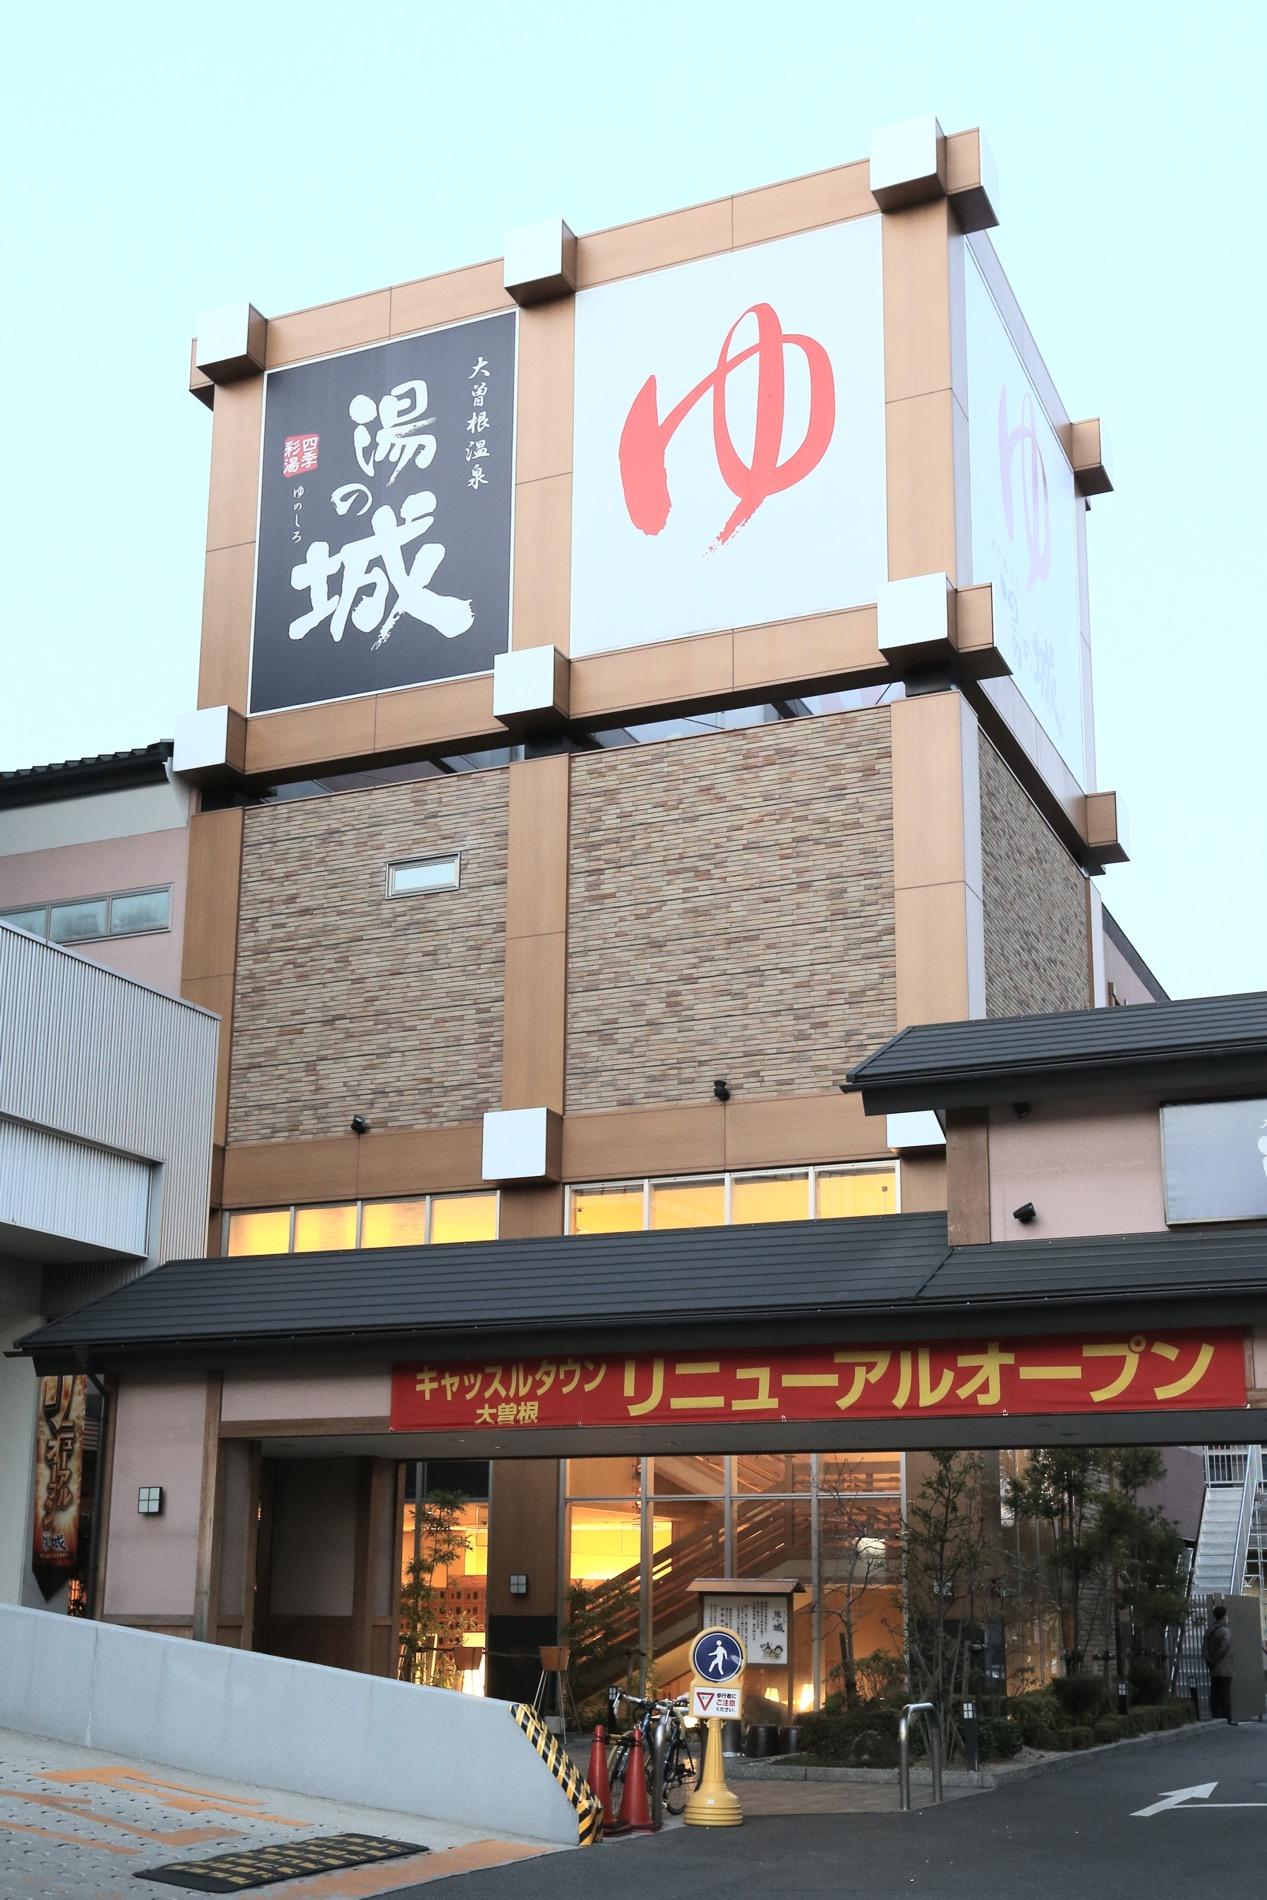 【決定版】名古屋のおすすめ穴場スポット〜絶品モーニングから隠れ家バーまで〜 - CU6T36701